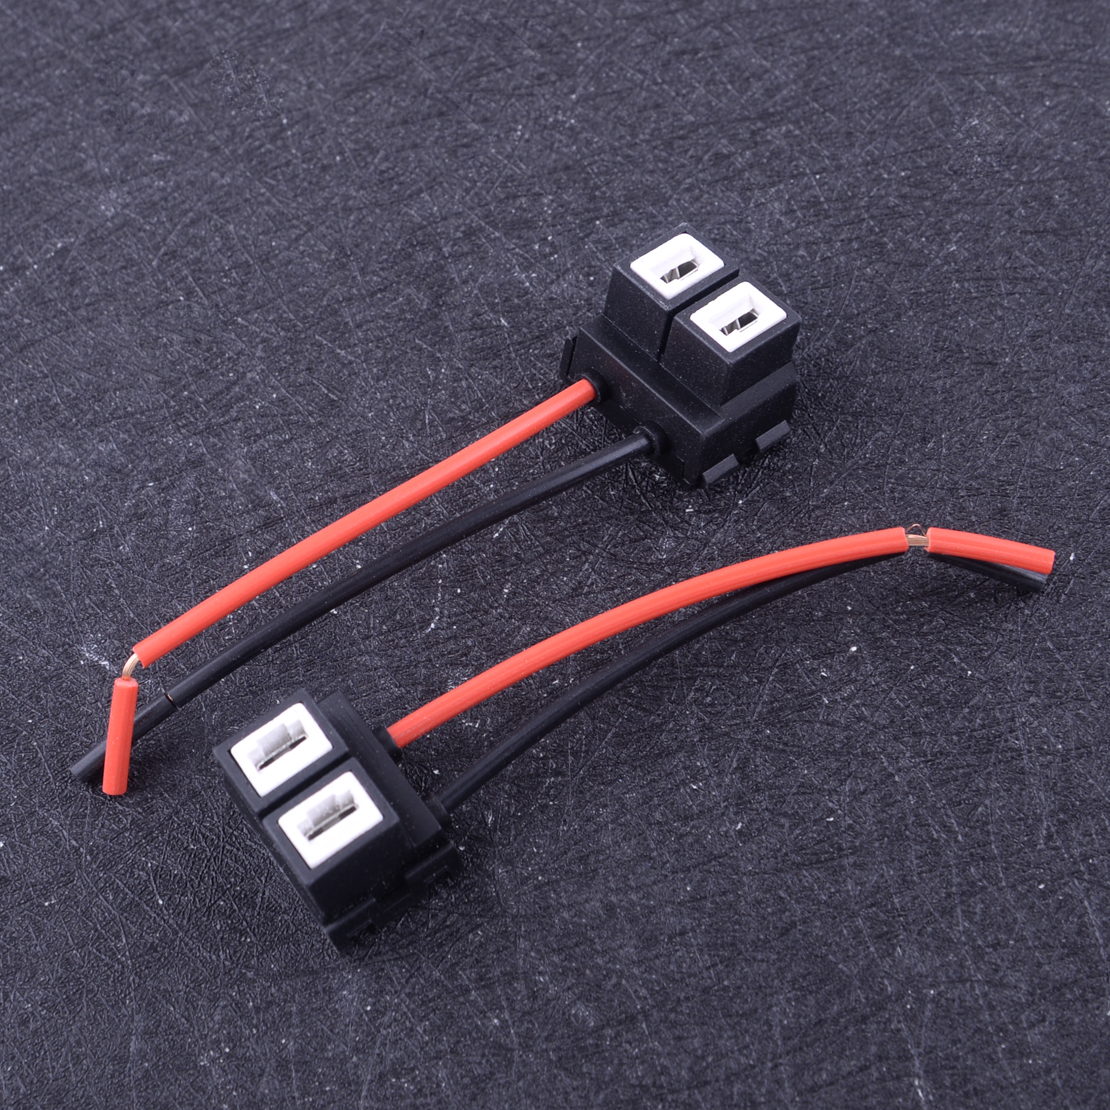 DWCX 2 шт. H7 керамический жгут проводов для передних фар противотуманных фар с предварительно проводными разъемами держатель лампы соедините...